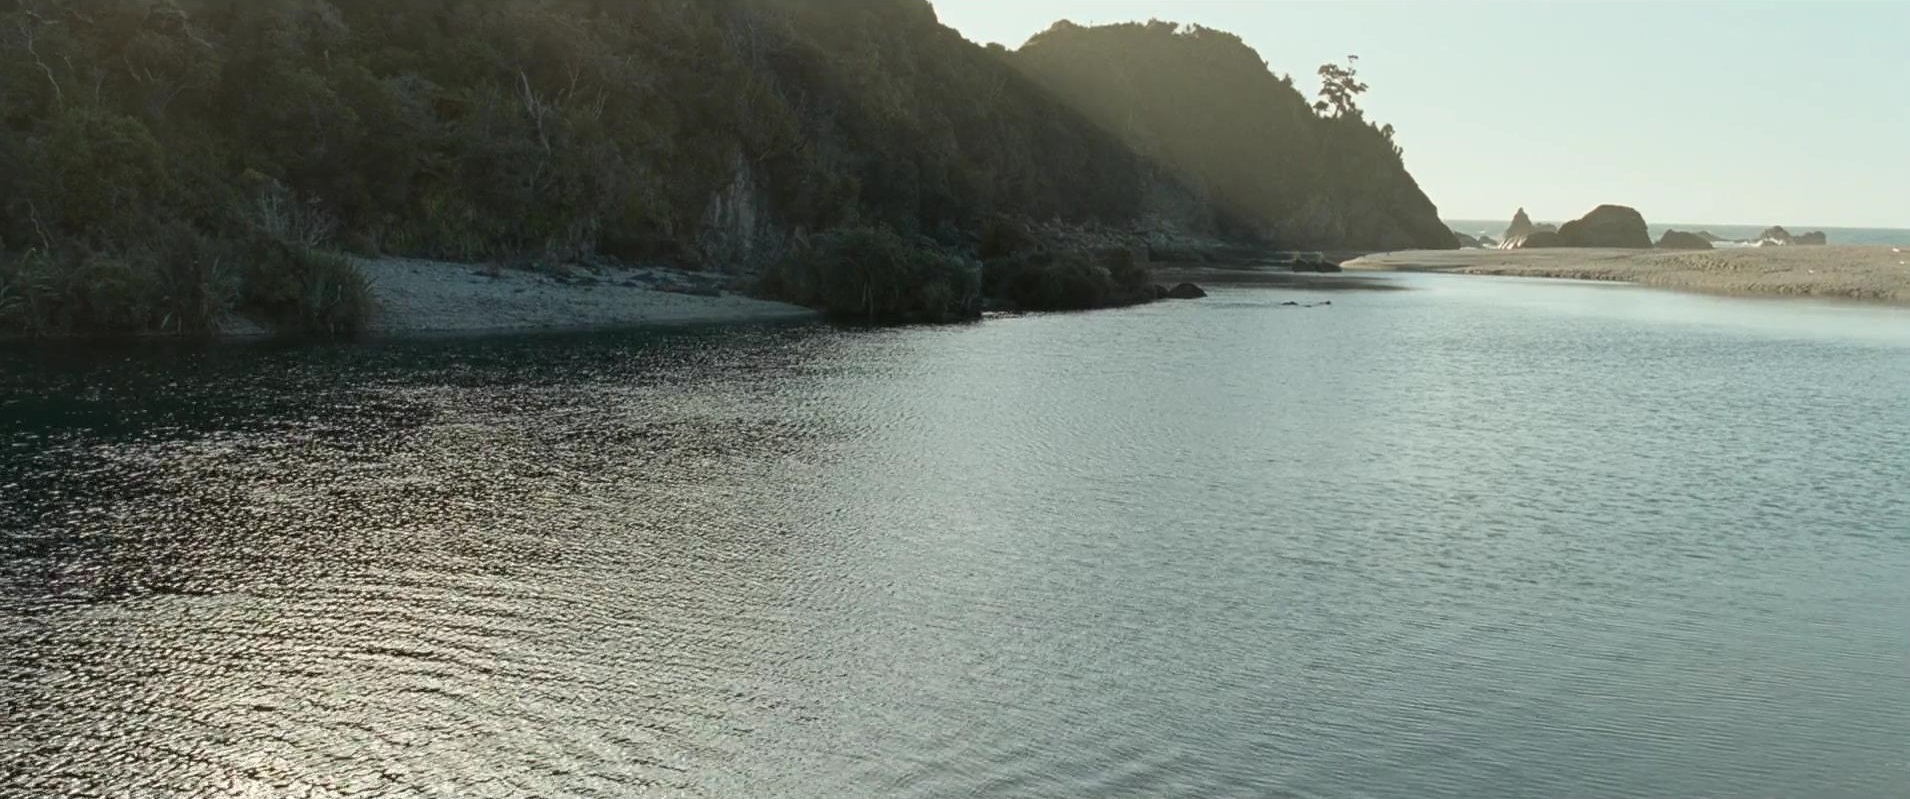 Great River Delta